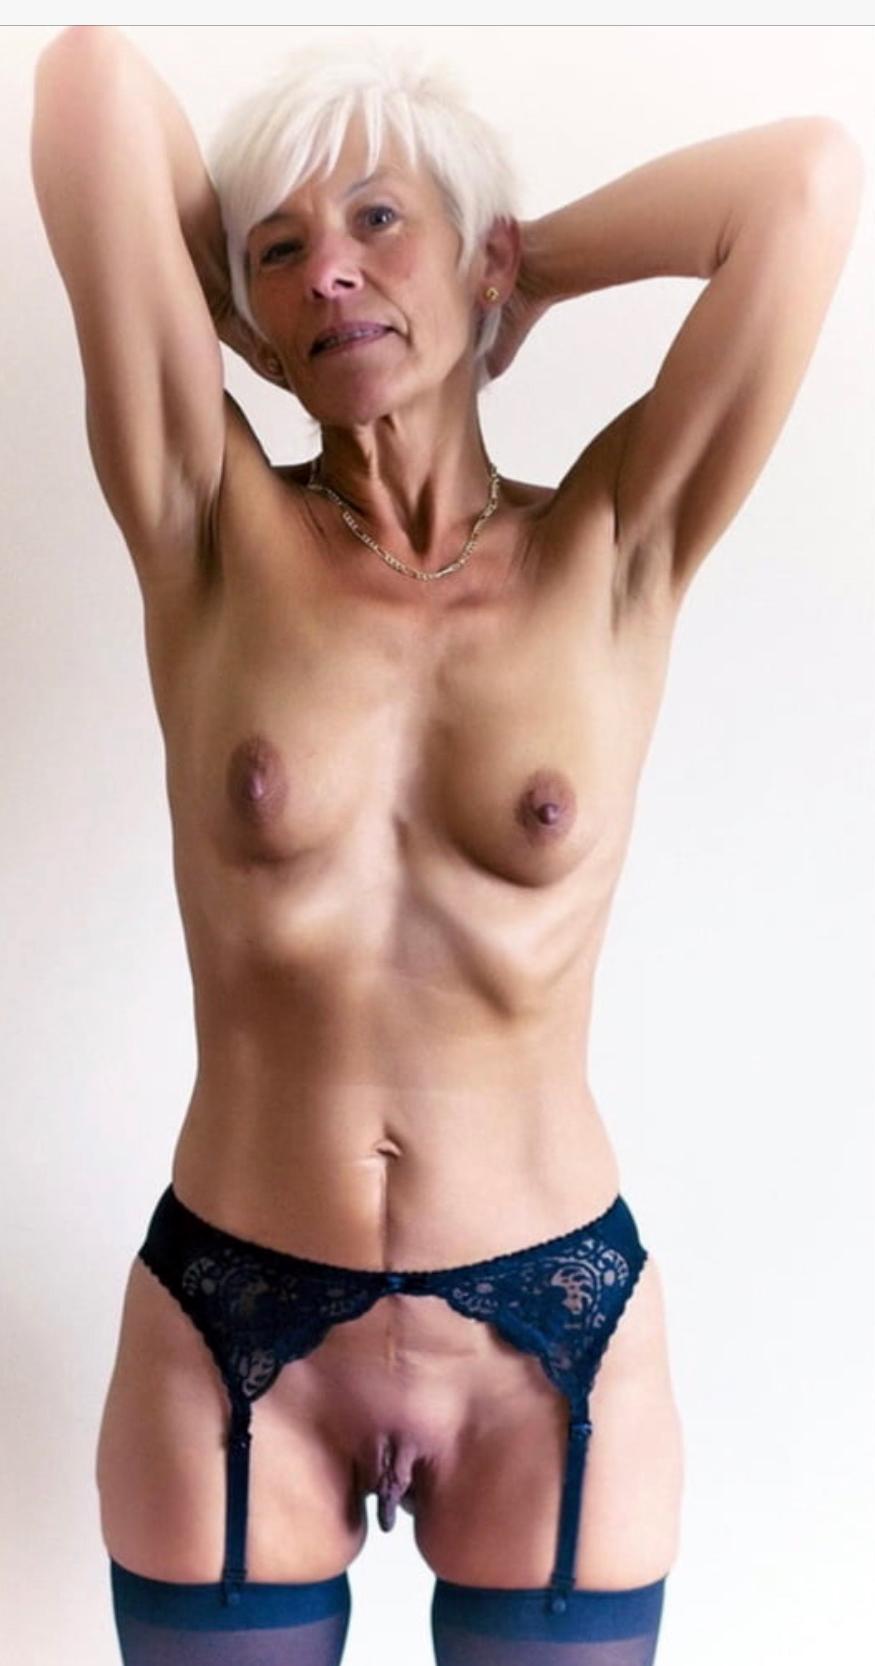 mom boy films porno